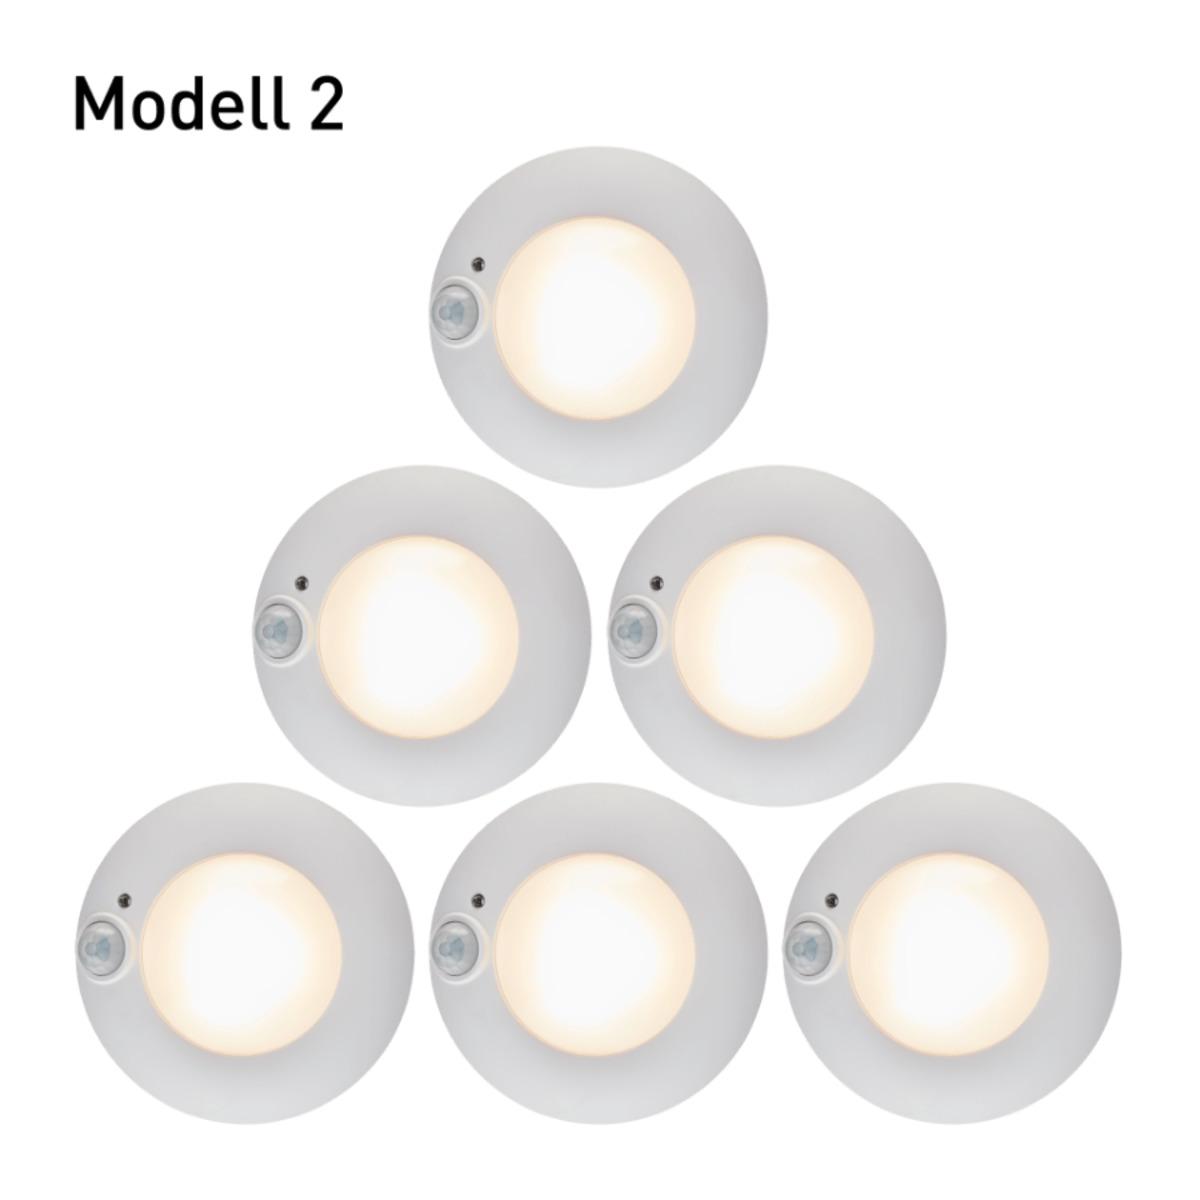 Bild 5 von LIGHTZONE     LED-Beleuchtungsspots